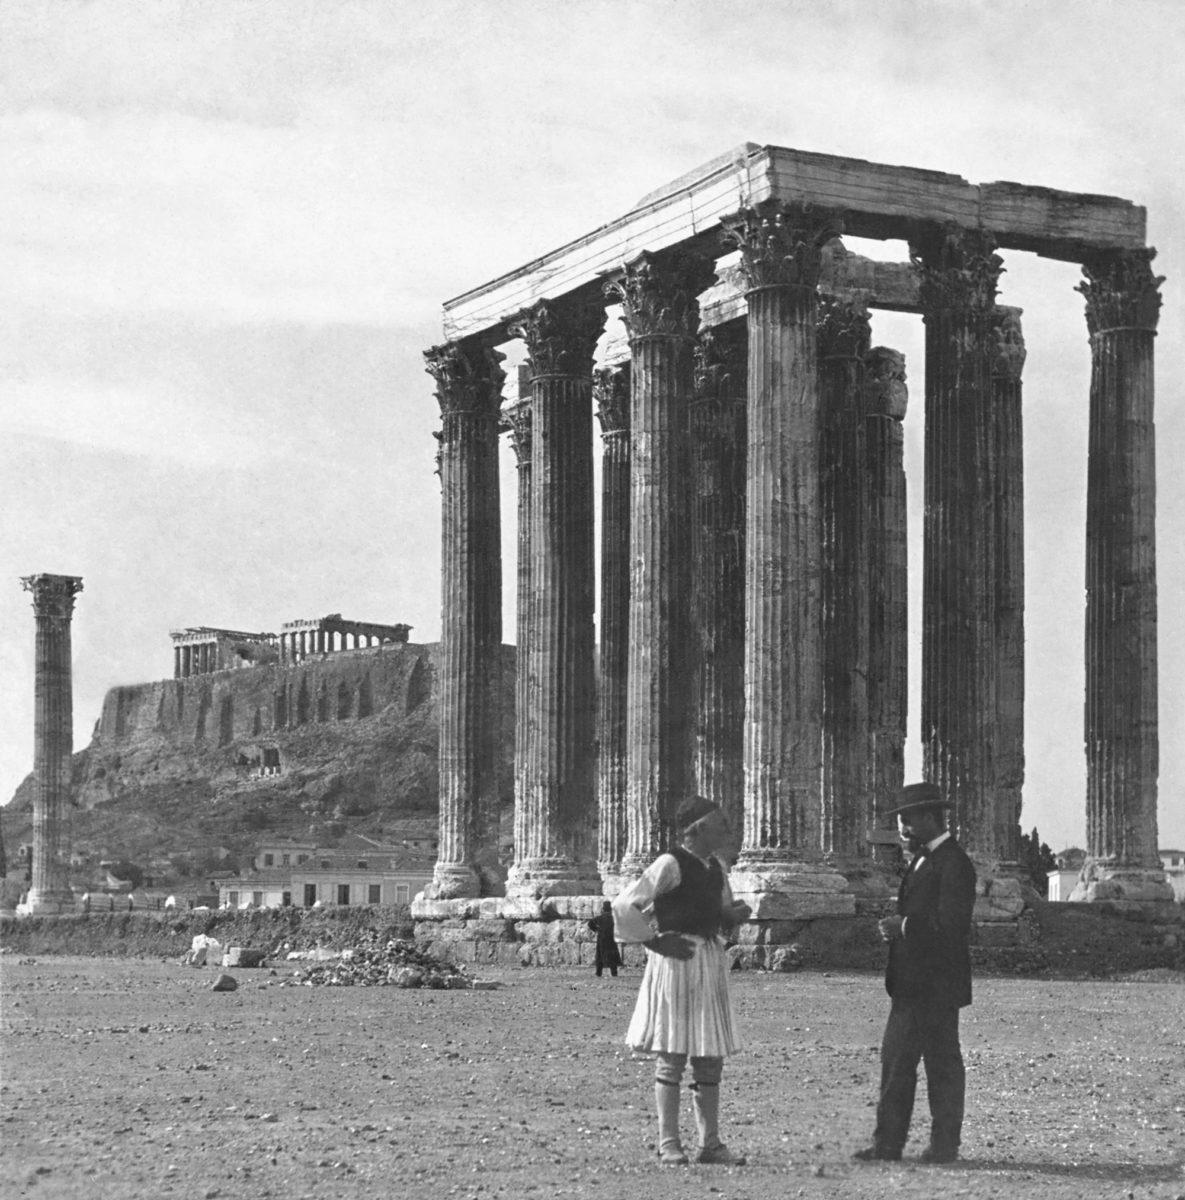 Ένας τσολιάς και ένας αστός συζητούν μπροστά στους στύλους του Ολυμπίου Διός. Τέλη 19ου-αρχές 20ου αιώνα. Άγνωστος φωτογράφος. Ευγενική παραχώρηση: Library of Congress.